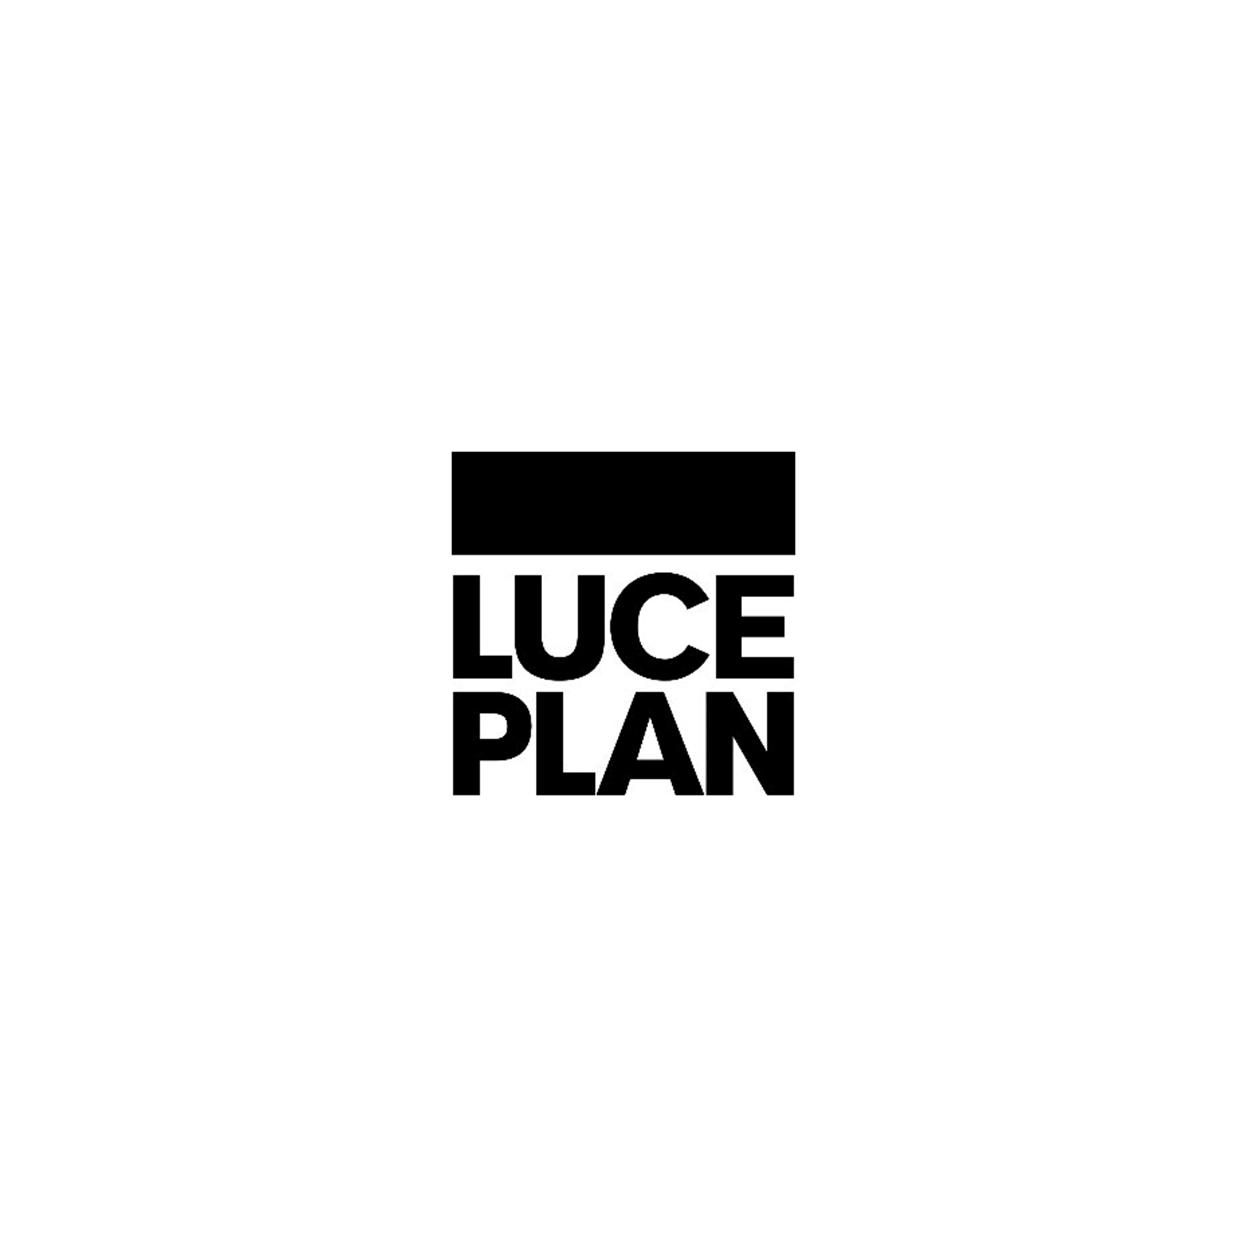 Luceplan - Objekte Licht & Raum GmbH in Hamburg